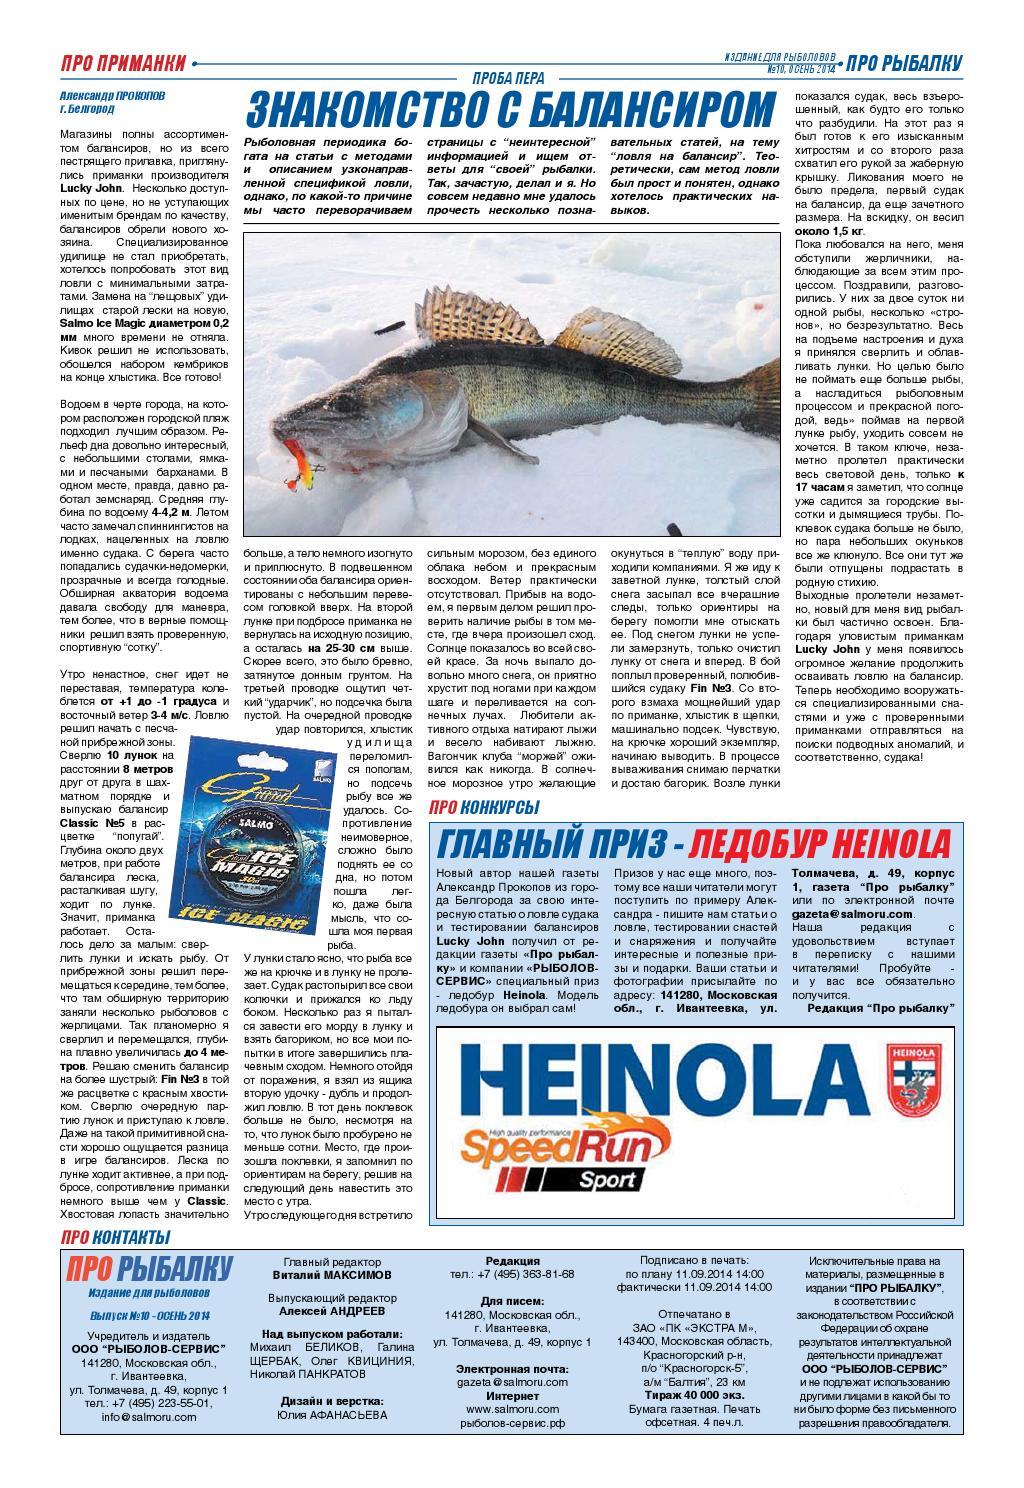 темы статей для рыбалки